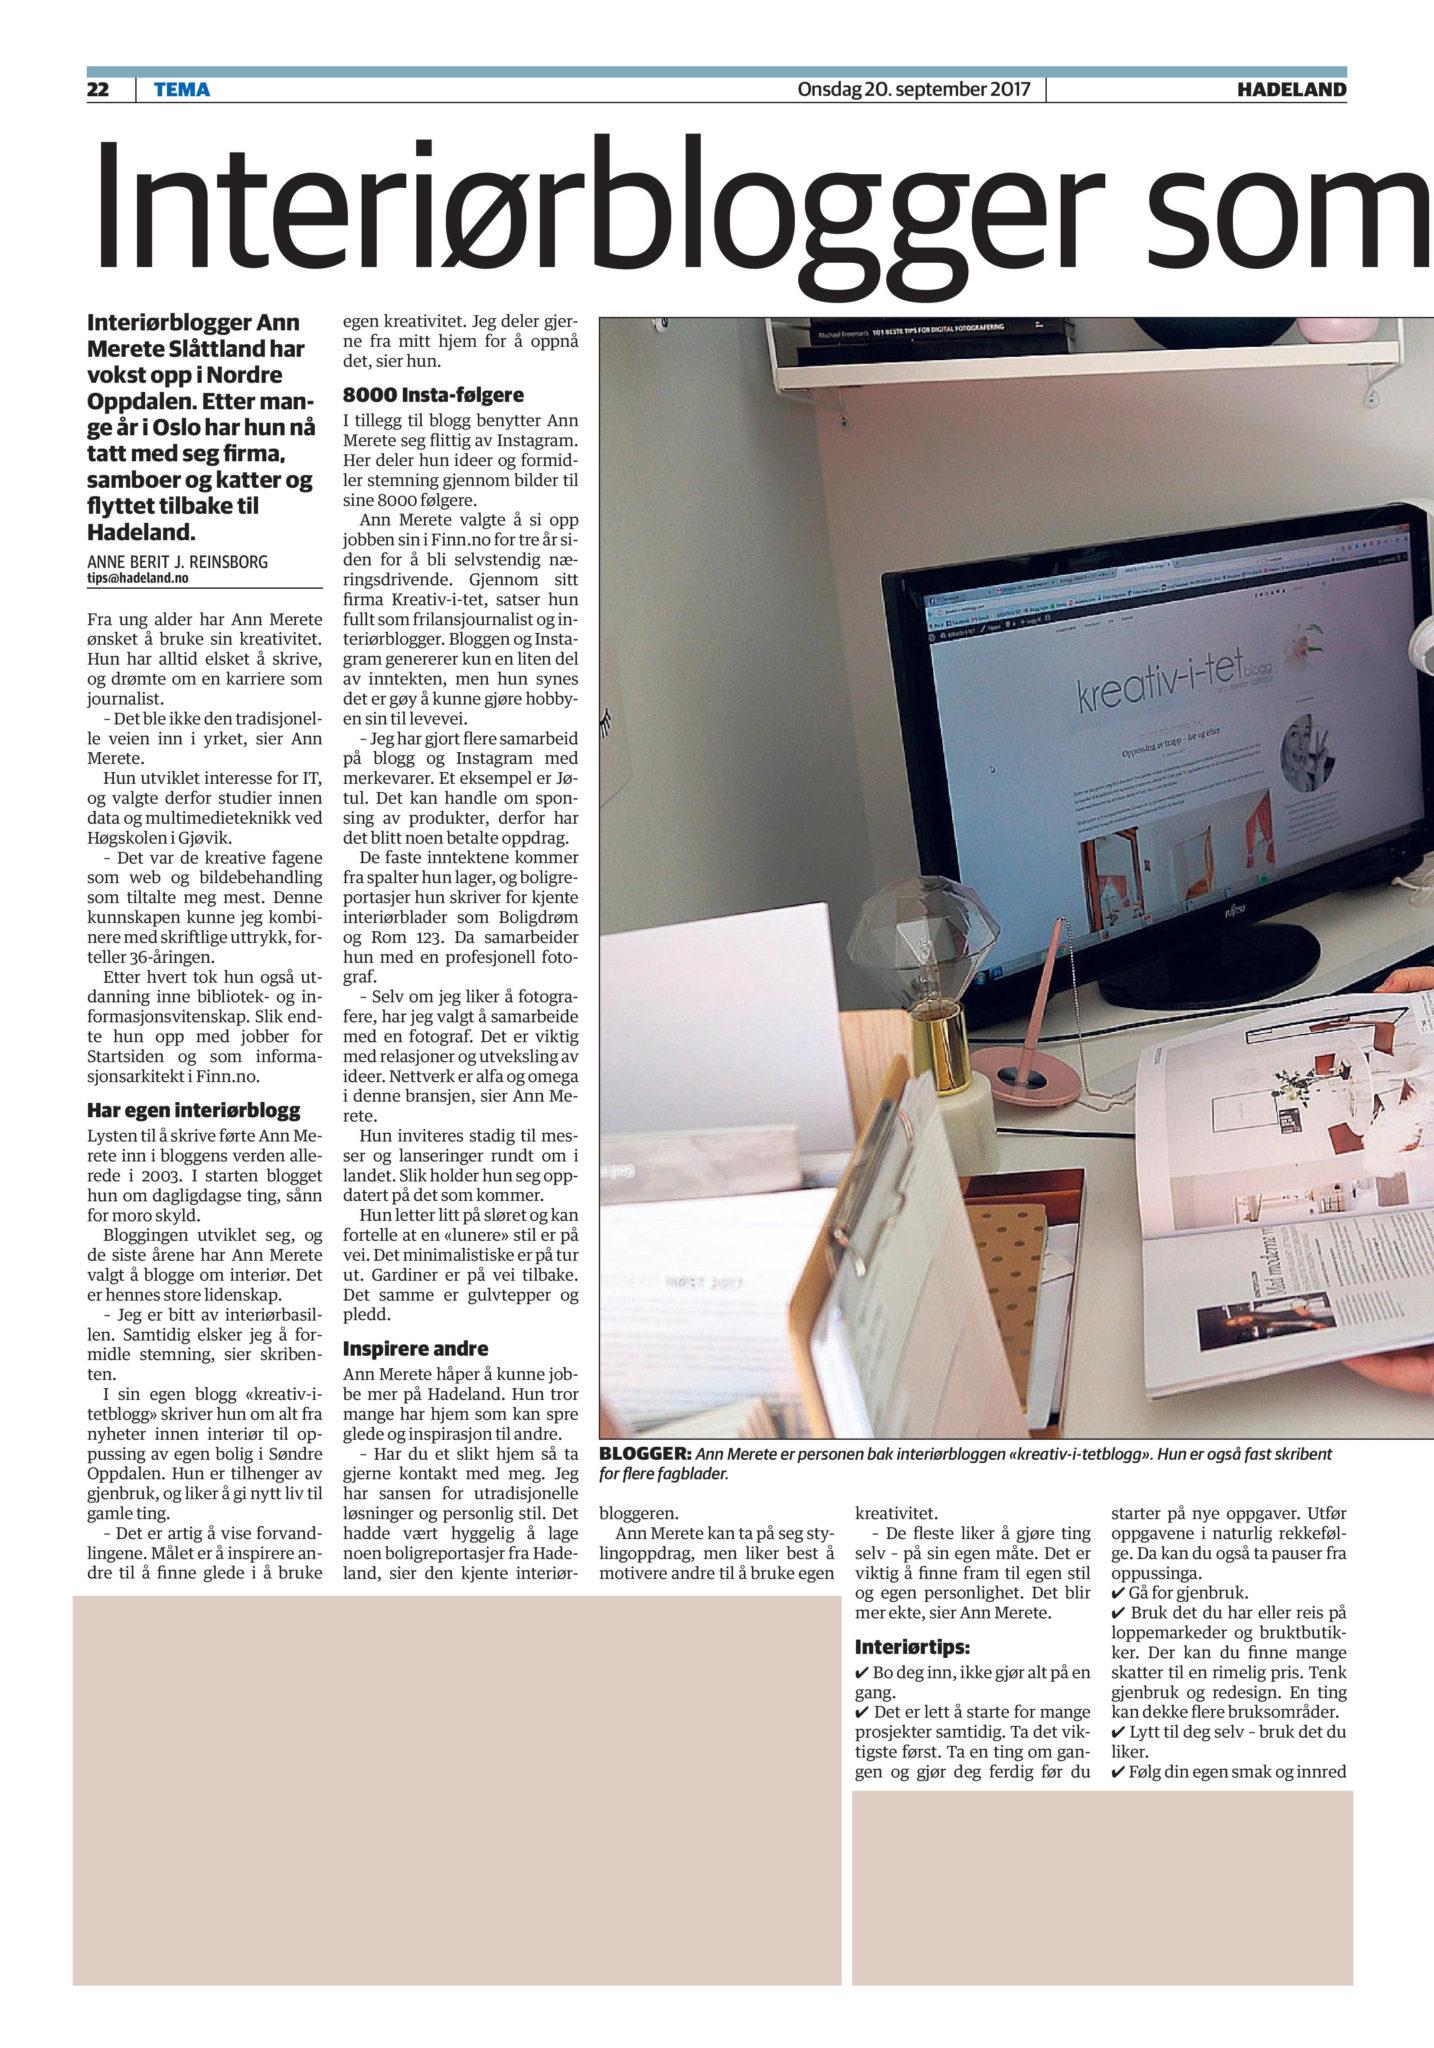 avisen hadeland september 2017 ann merete